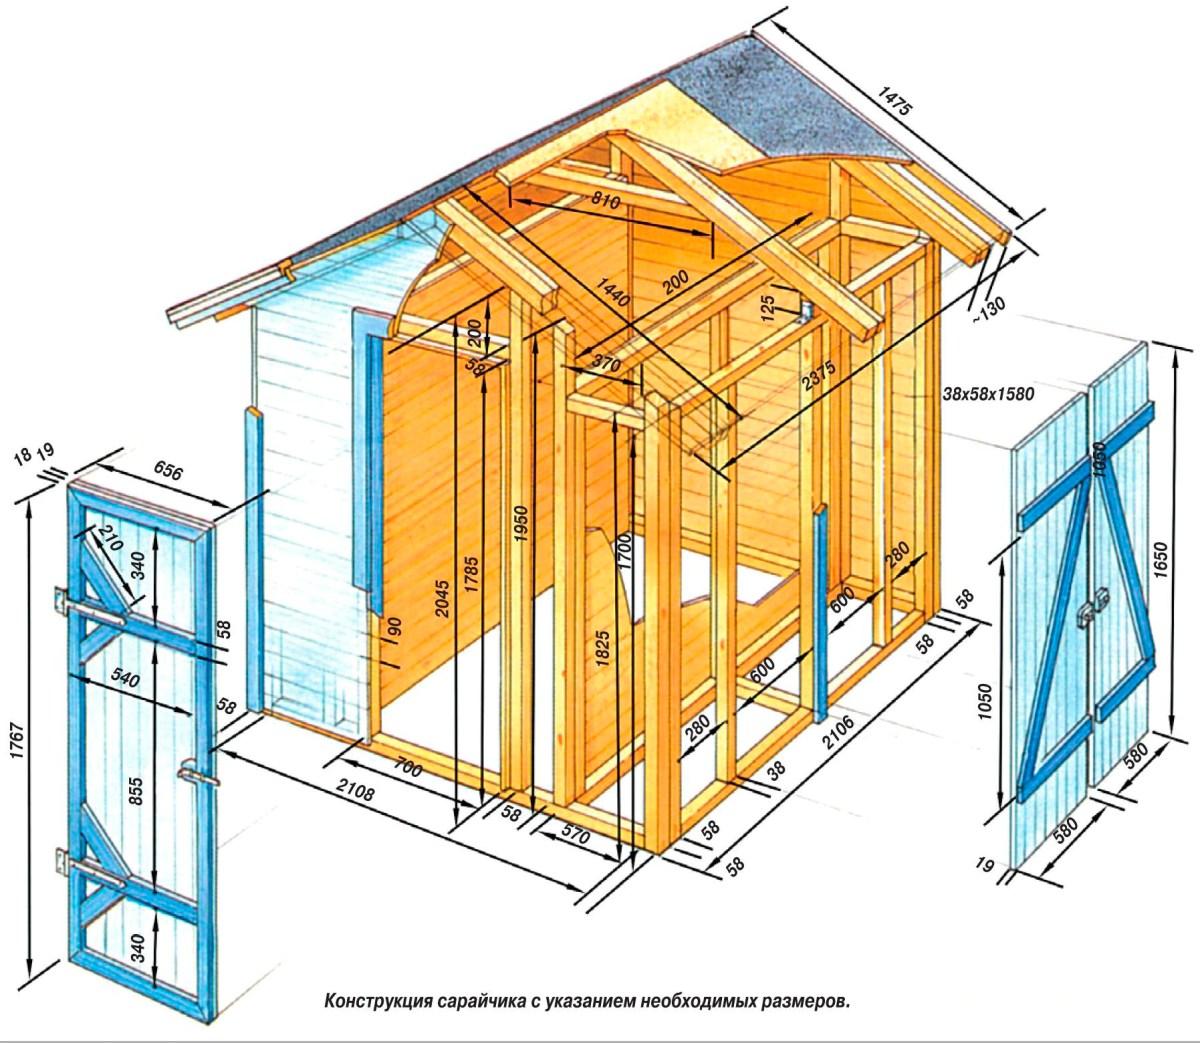 Как построить сарай на даче своими руками поэтапно фото